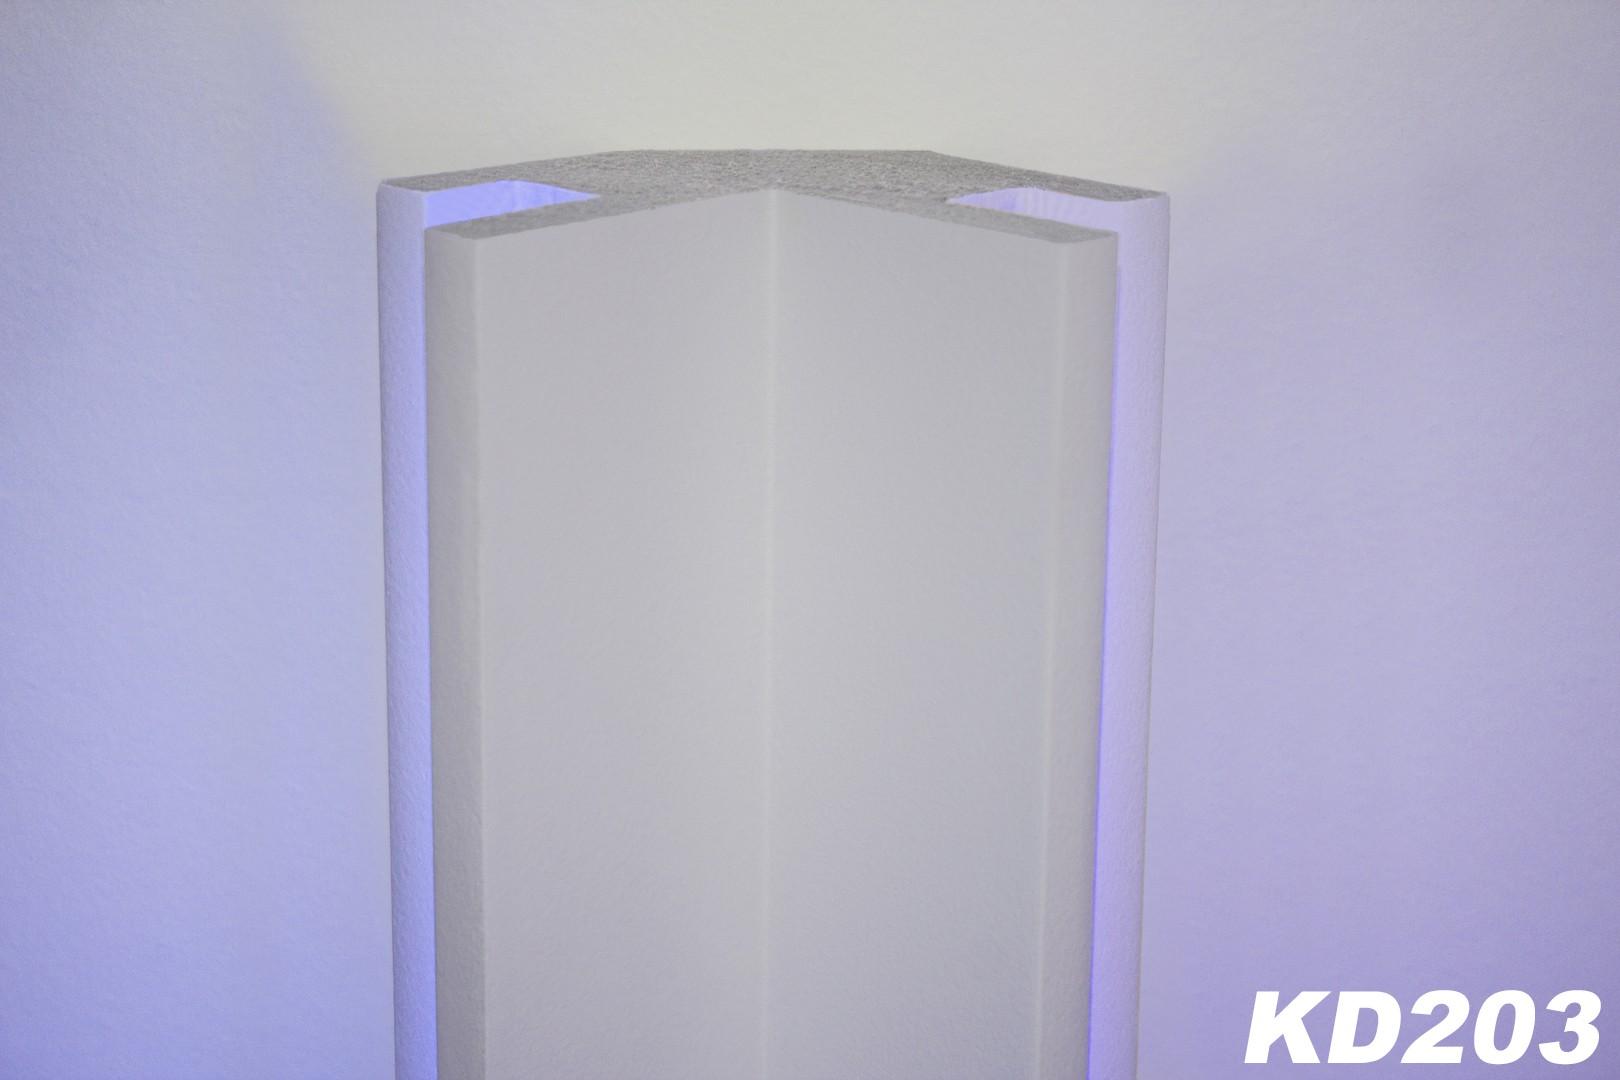 Kd203 originalbild